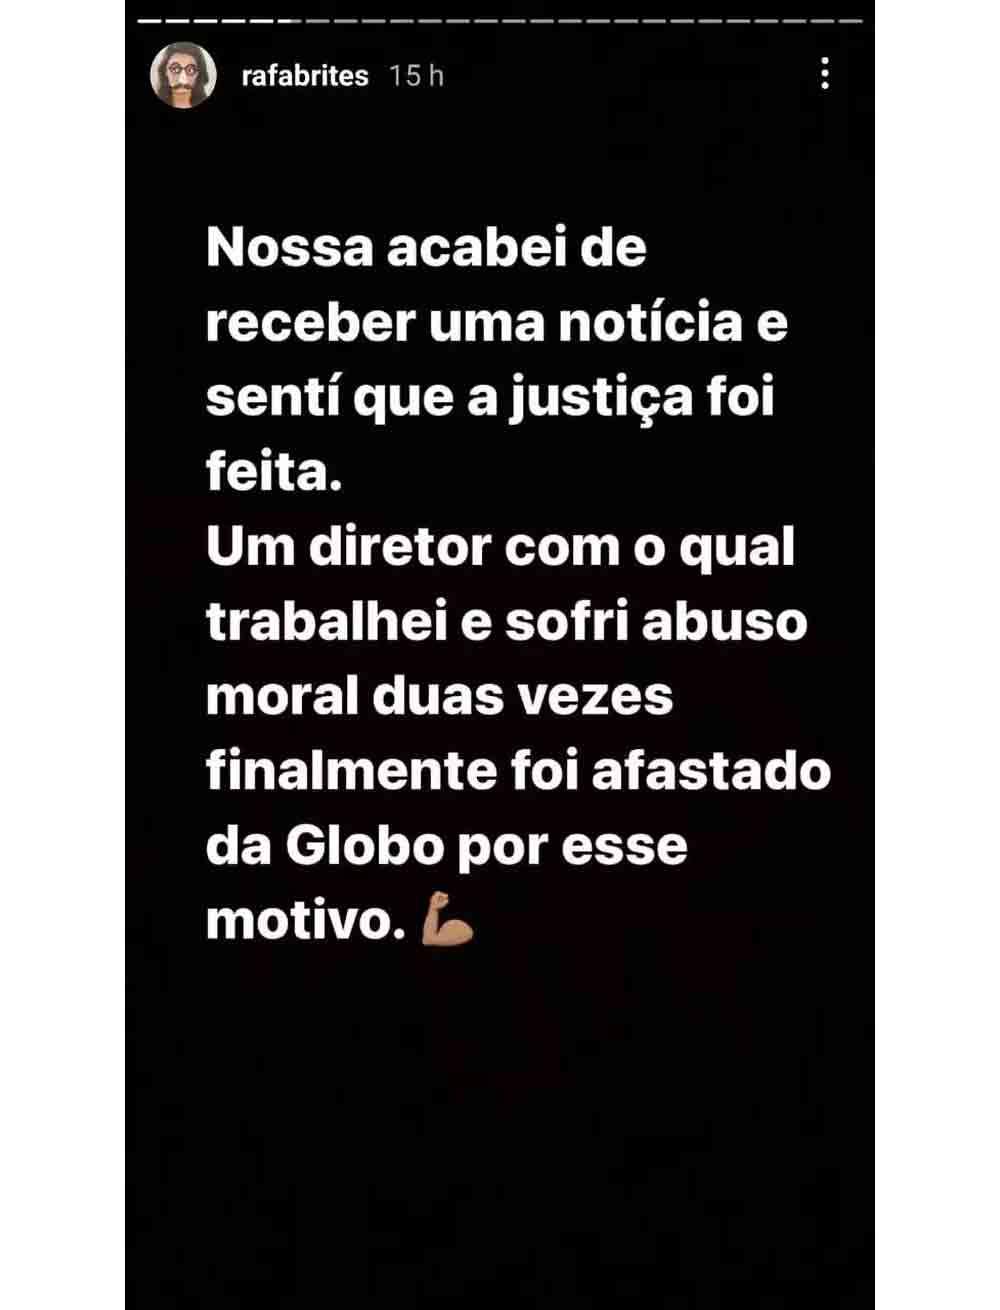 Rafa Brites comemora demissão de chefe da Globo que a abusou moralmente. Foto: reprodução Instagram